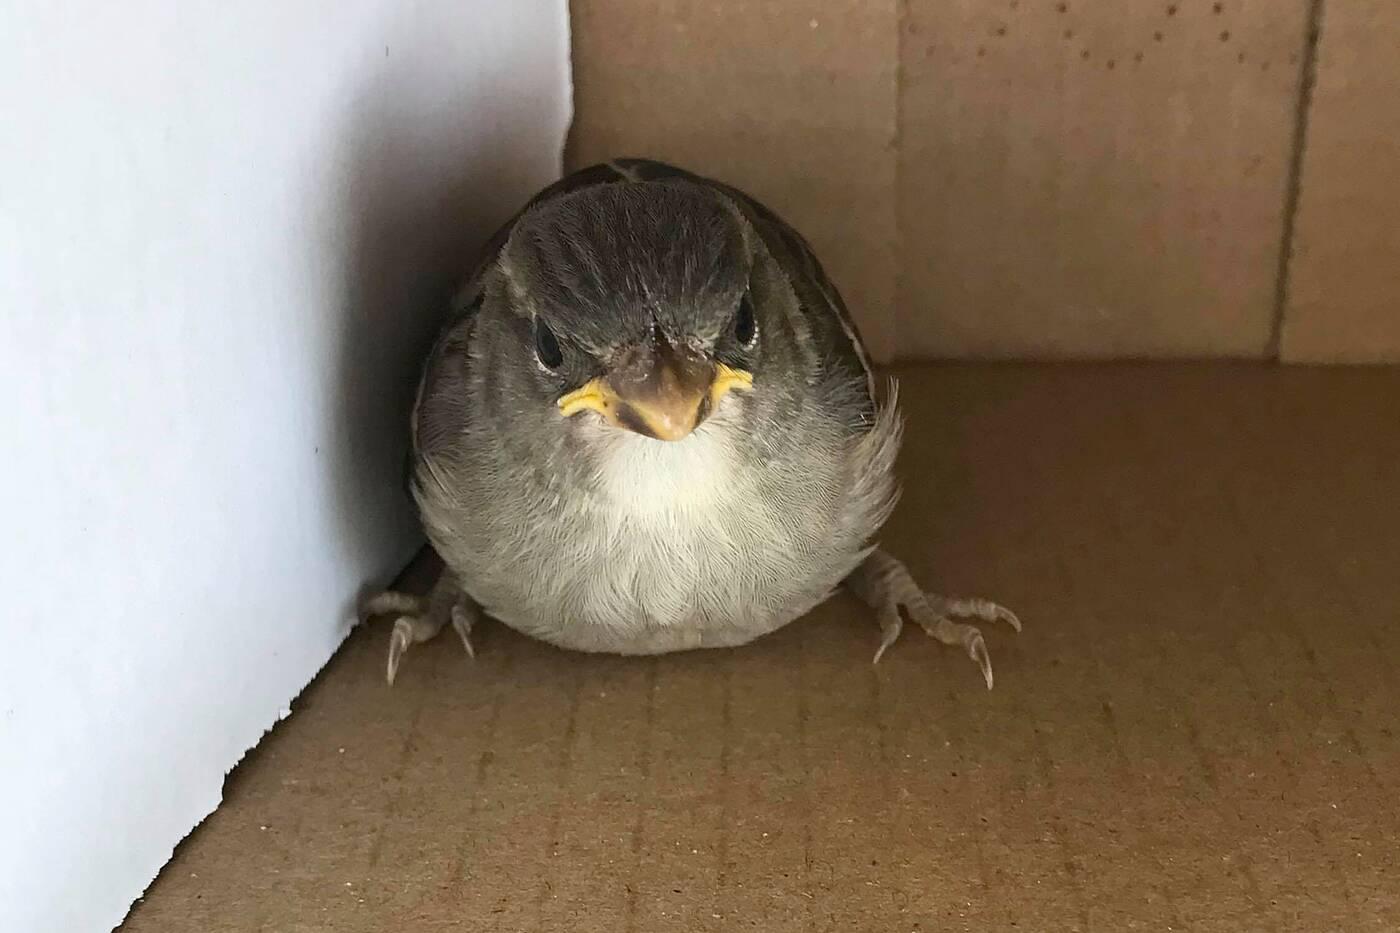 injured baby bird